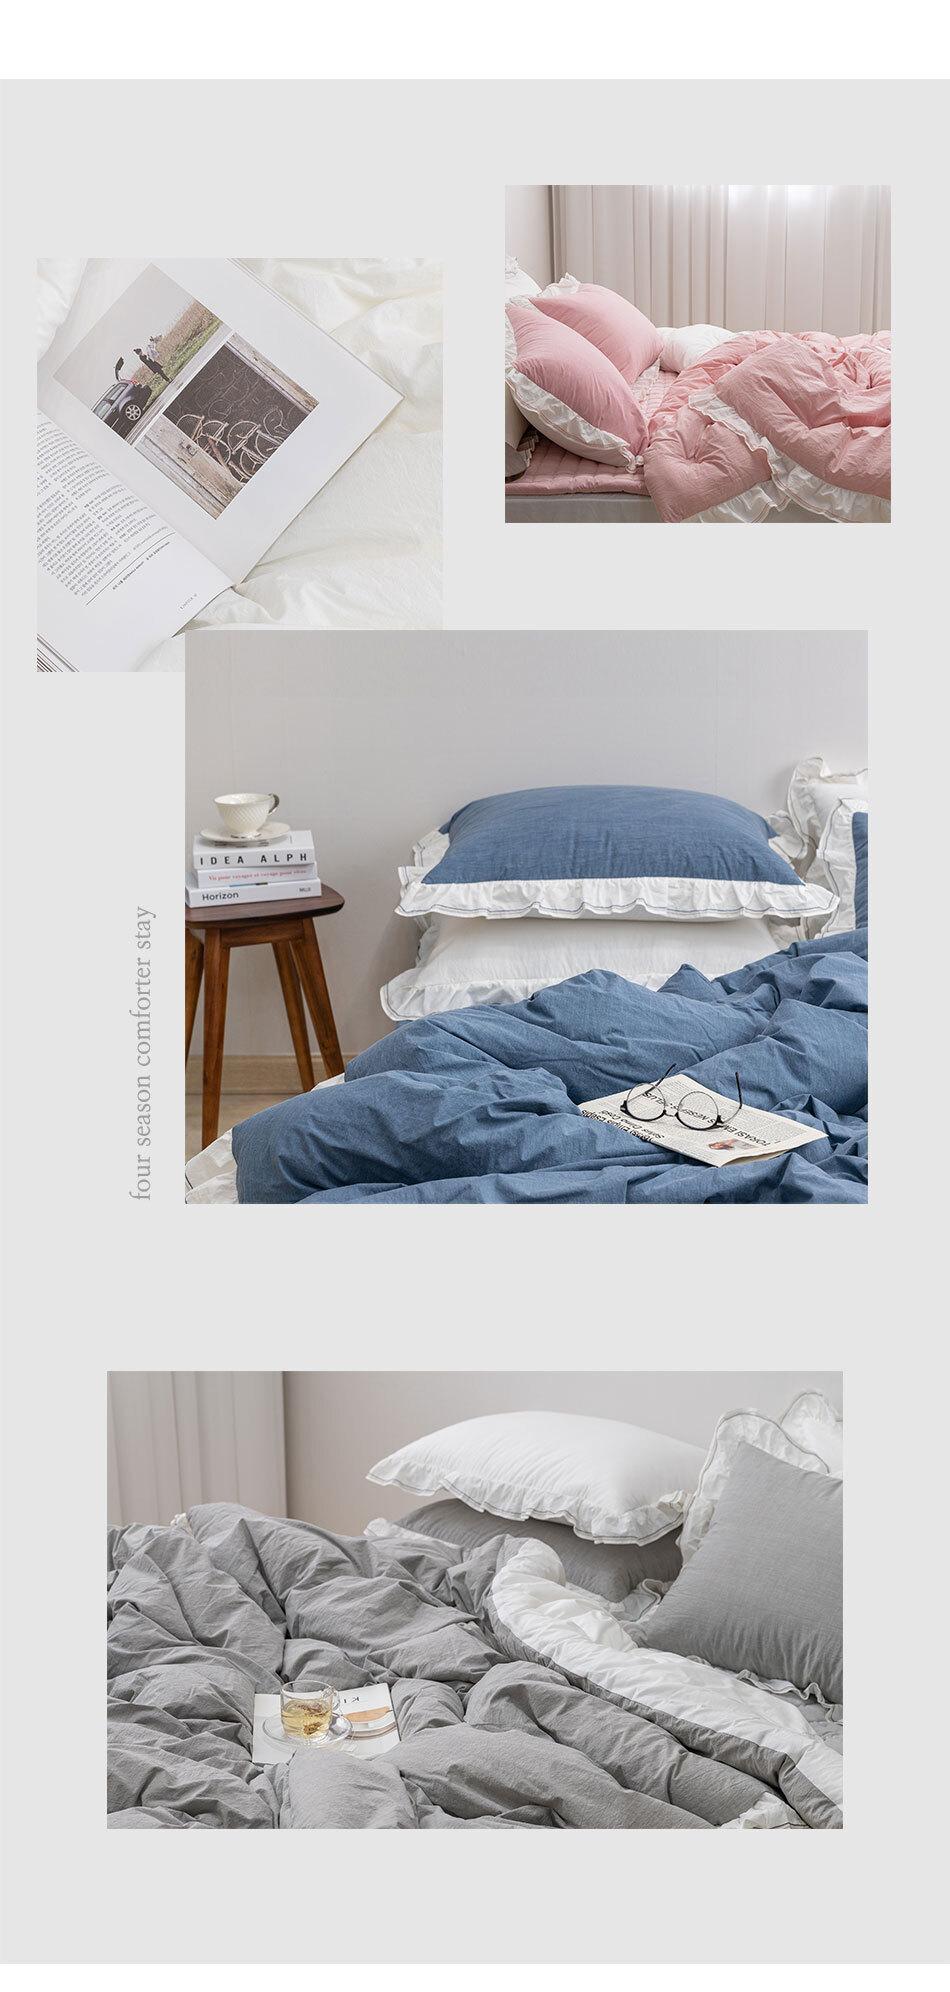 stay_bed_02.jpg